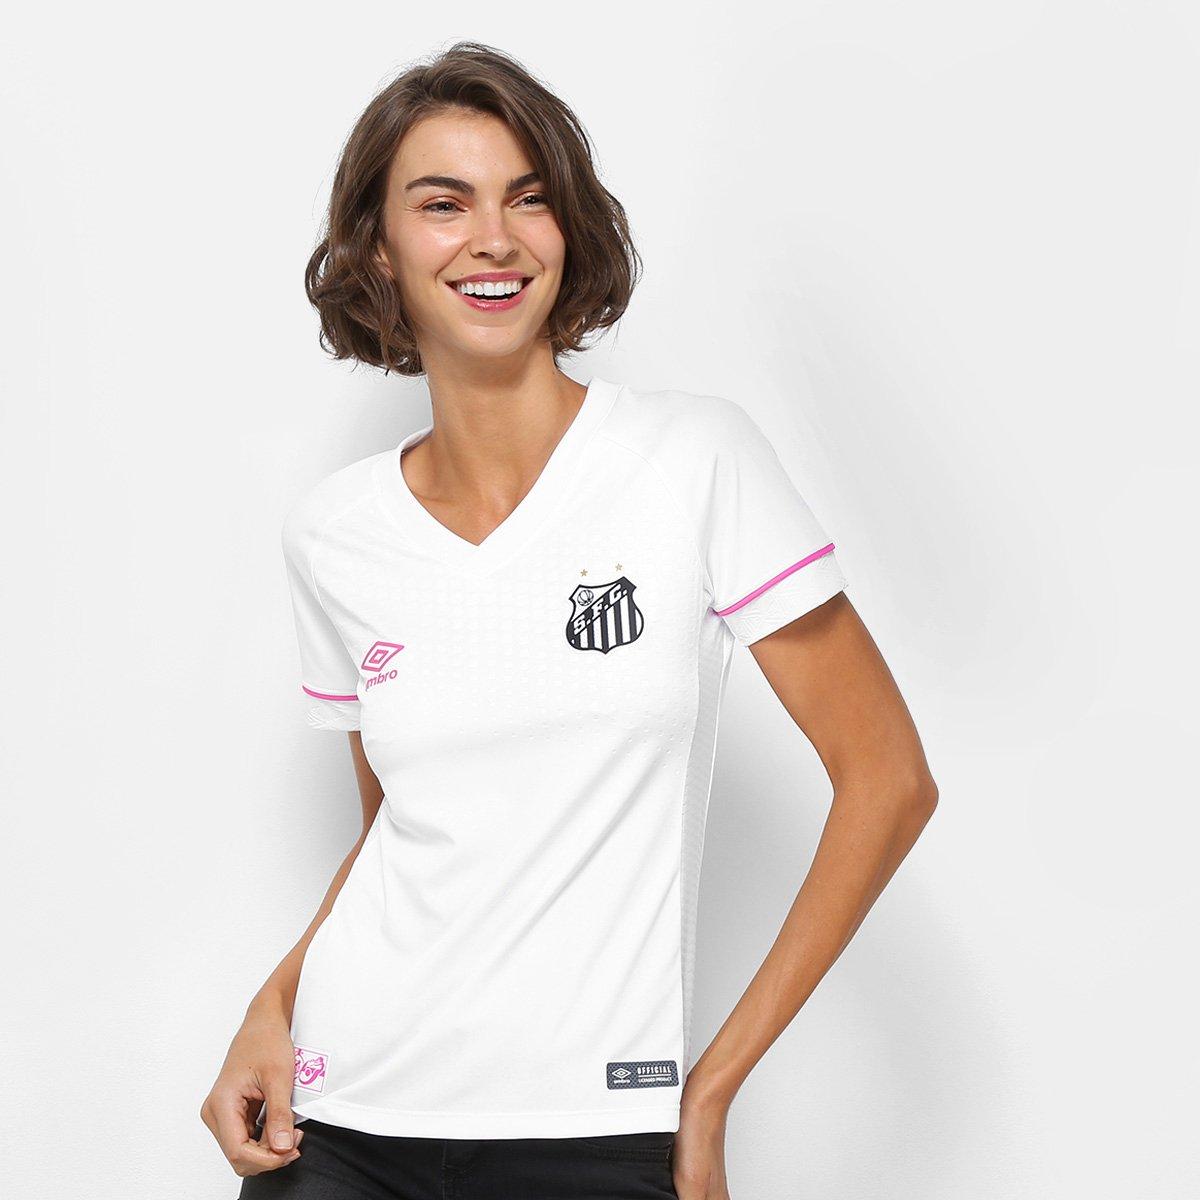 bd4e1b46da29a Camisa Santos I 2018 s n° Torcedor Umbro Feminina